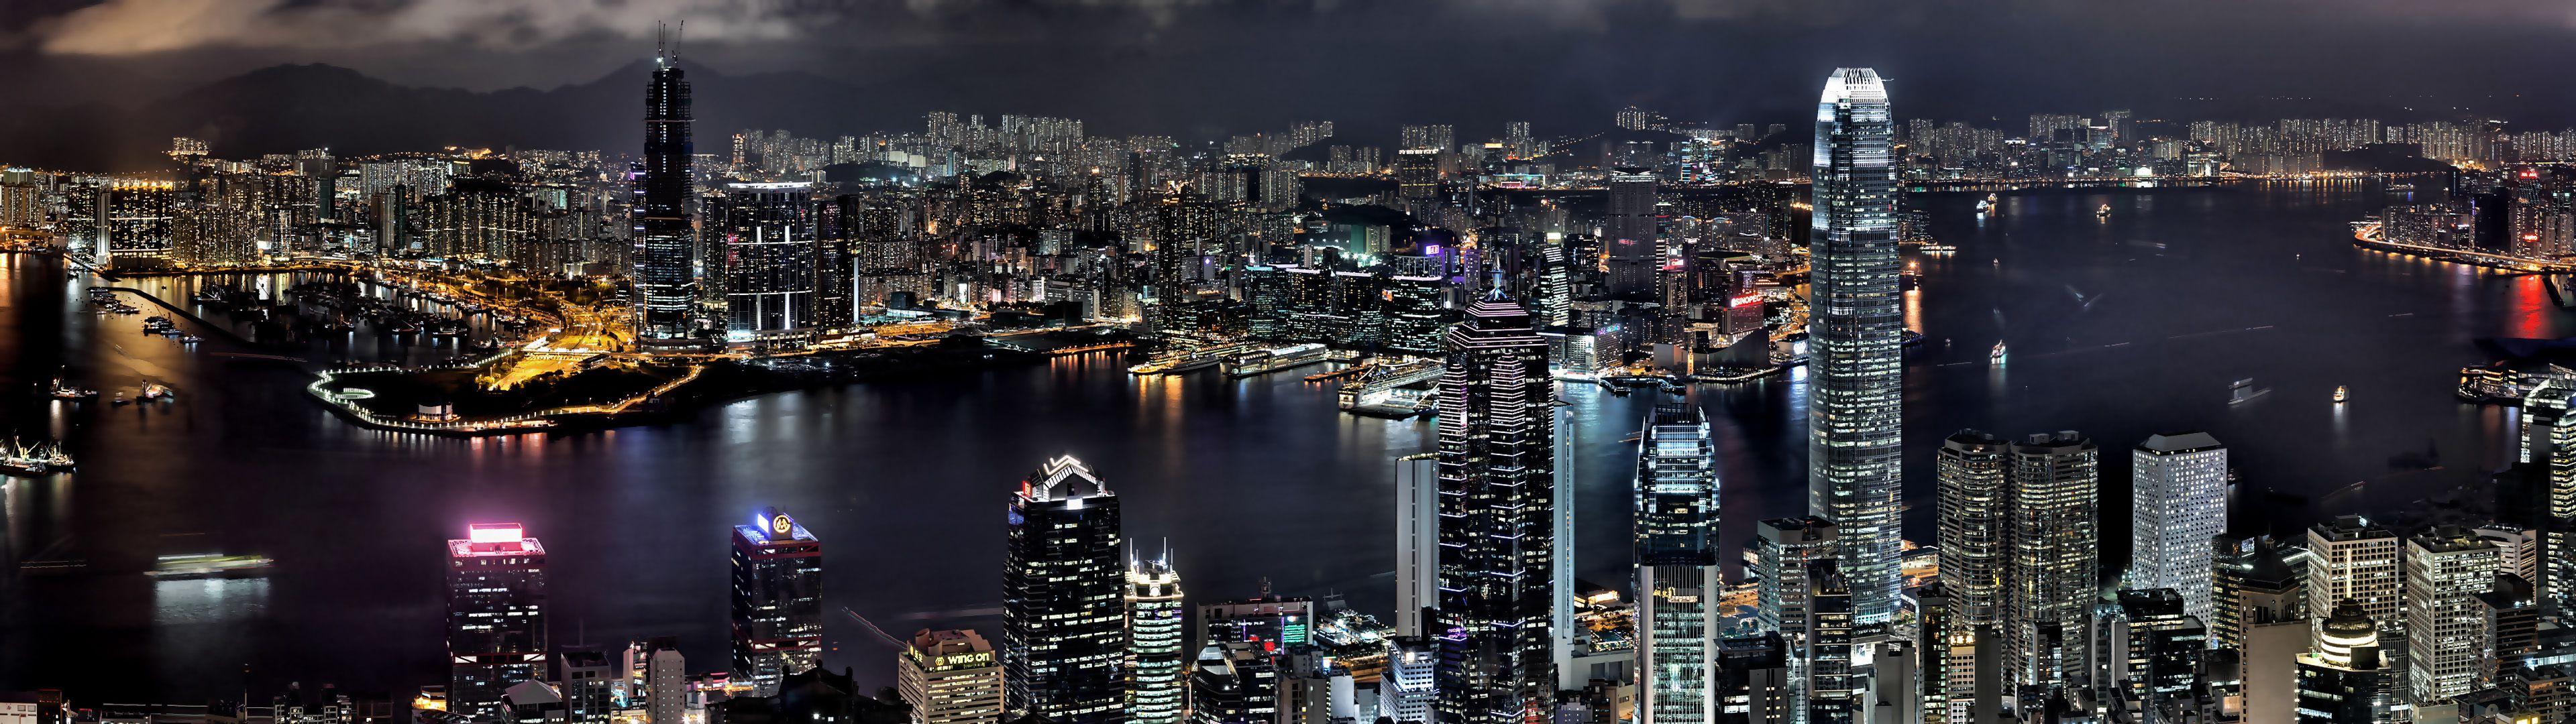 Cityscapes Night Buildings Hong Kong Wallpaper 3840x1080 61374 Dual Monitor Wallpaper Dual Monitors 3840x1080 Wallpapers